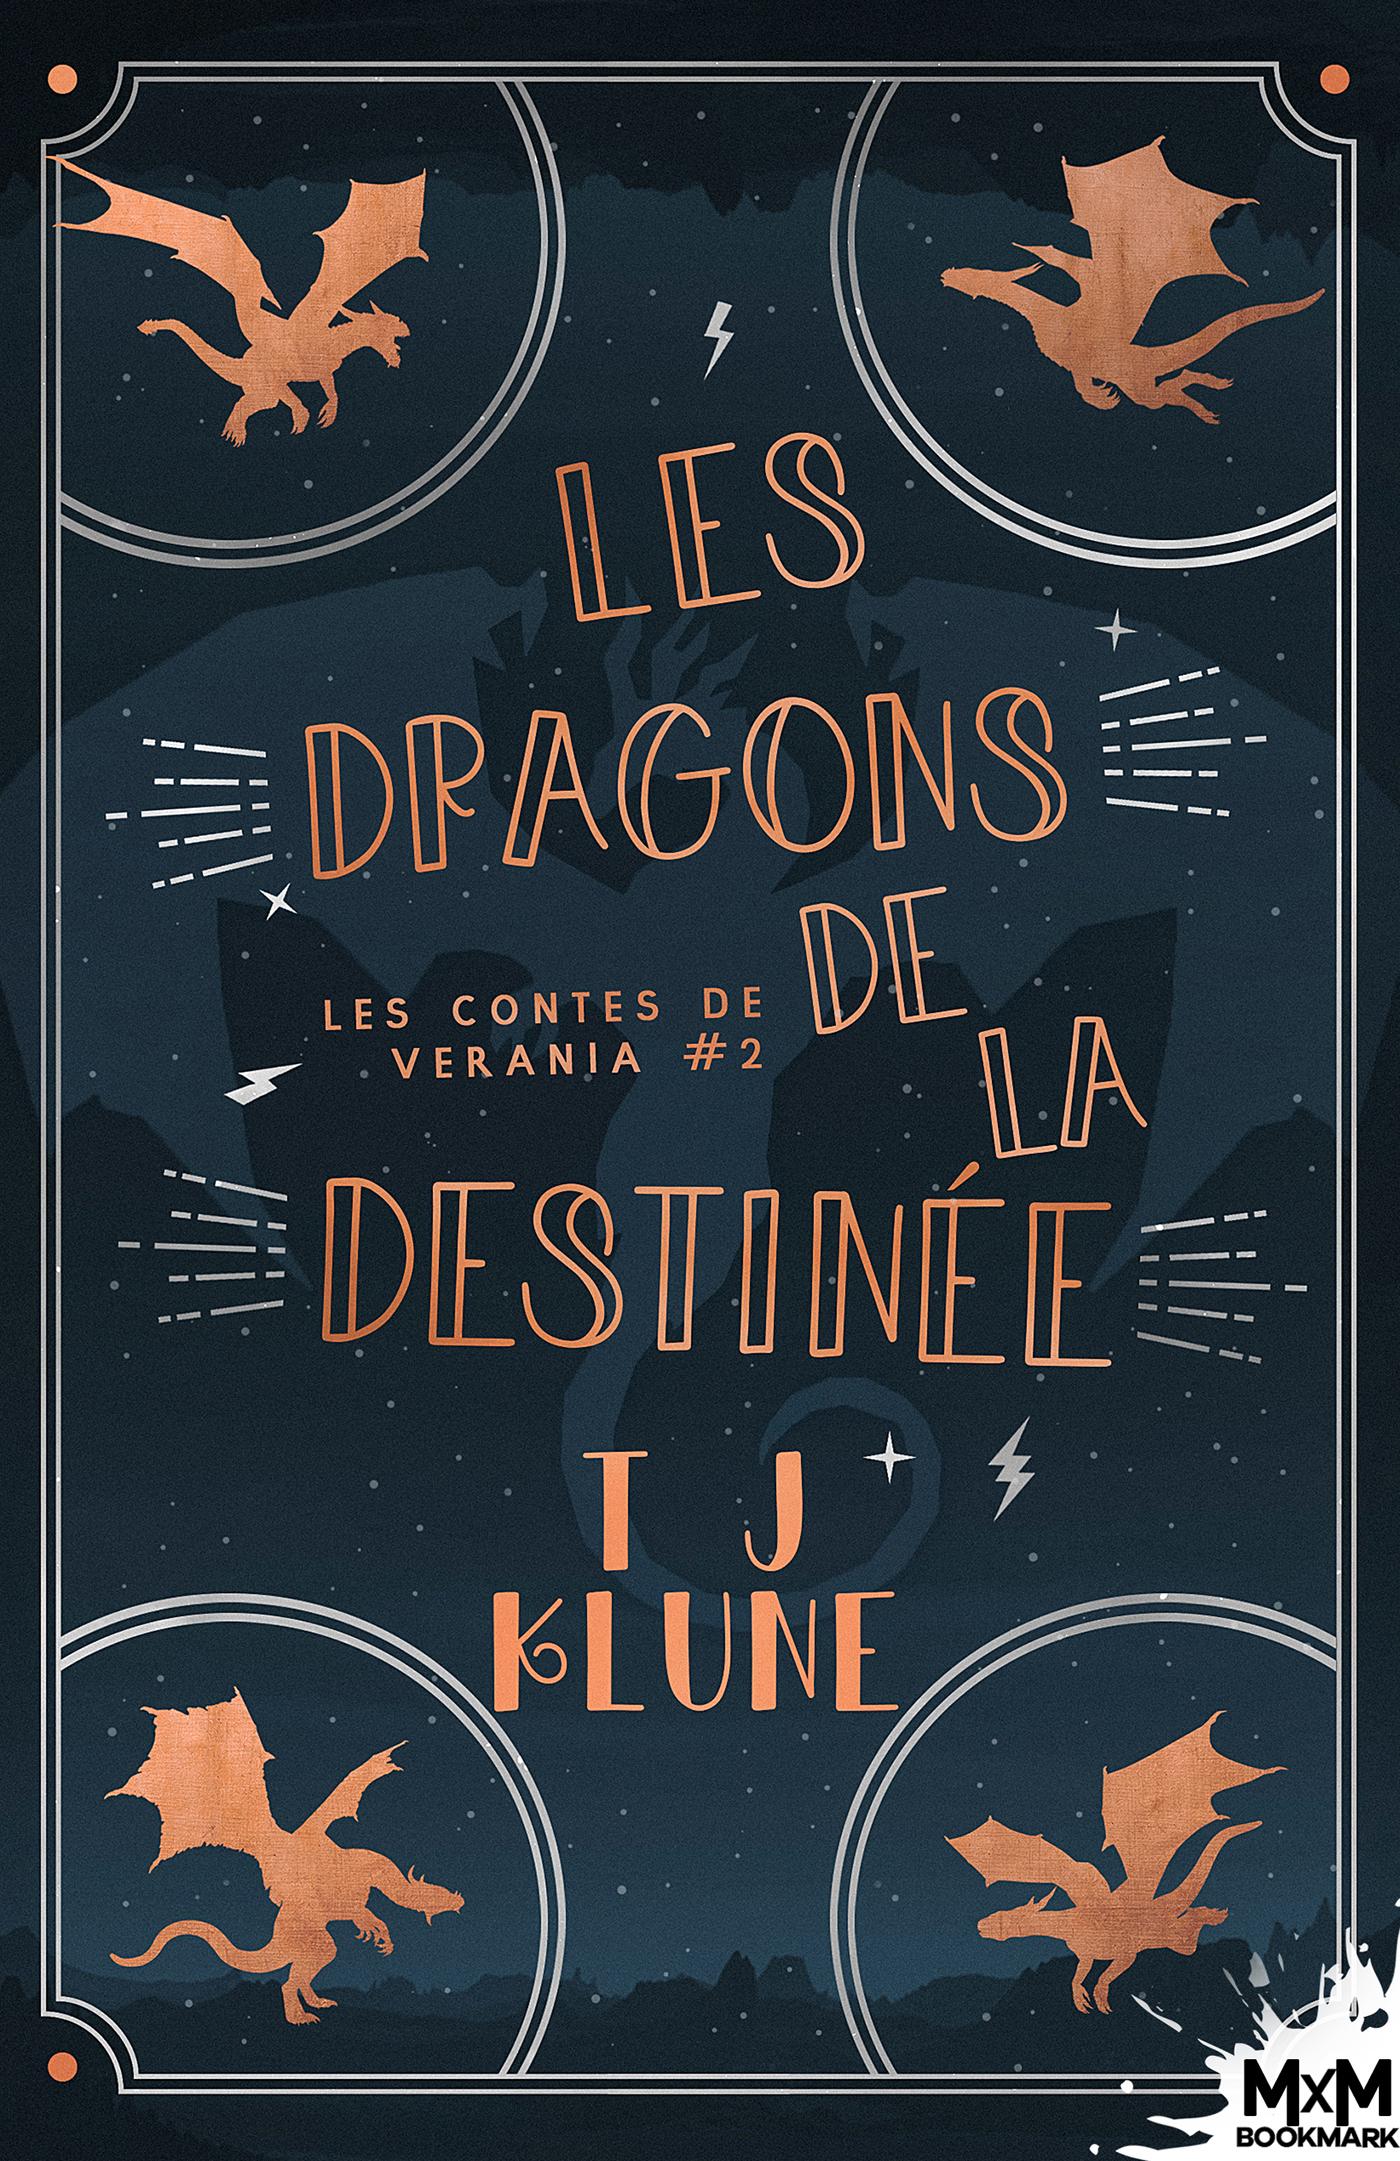 Les contes de Verania – Tome 2 : Les dragons de la destinée écrit par T.J.Klune